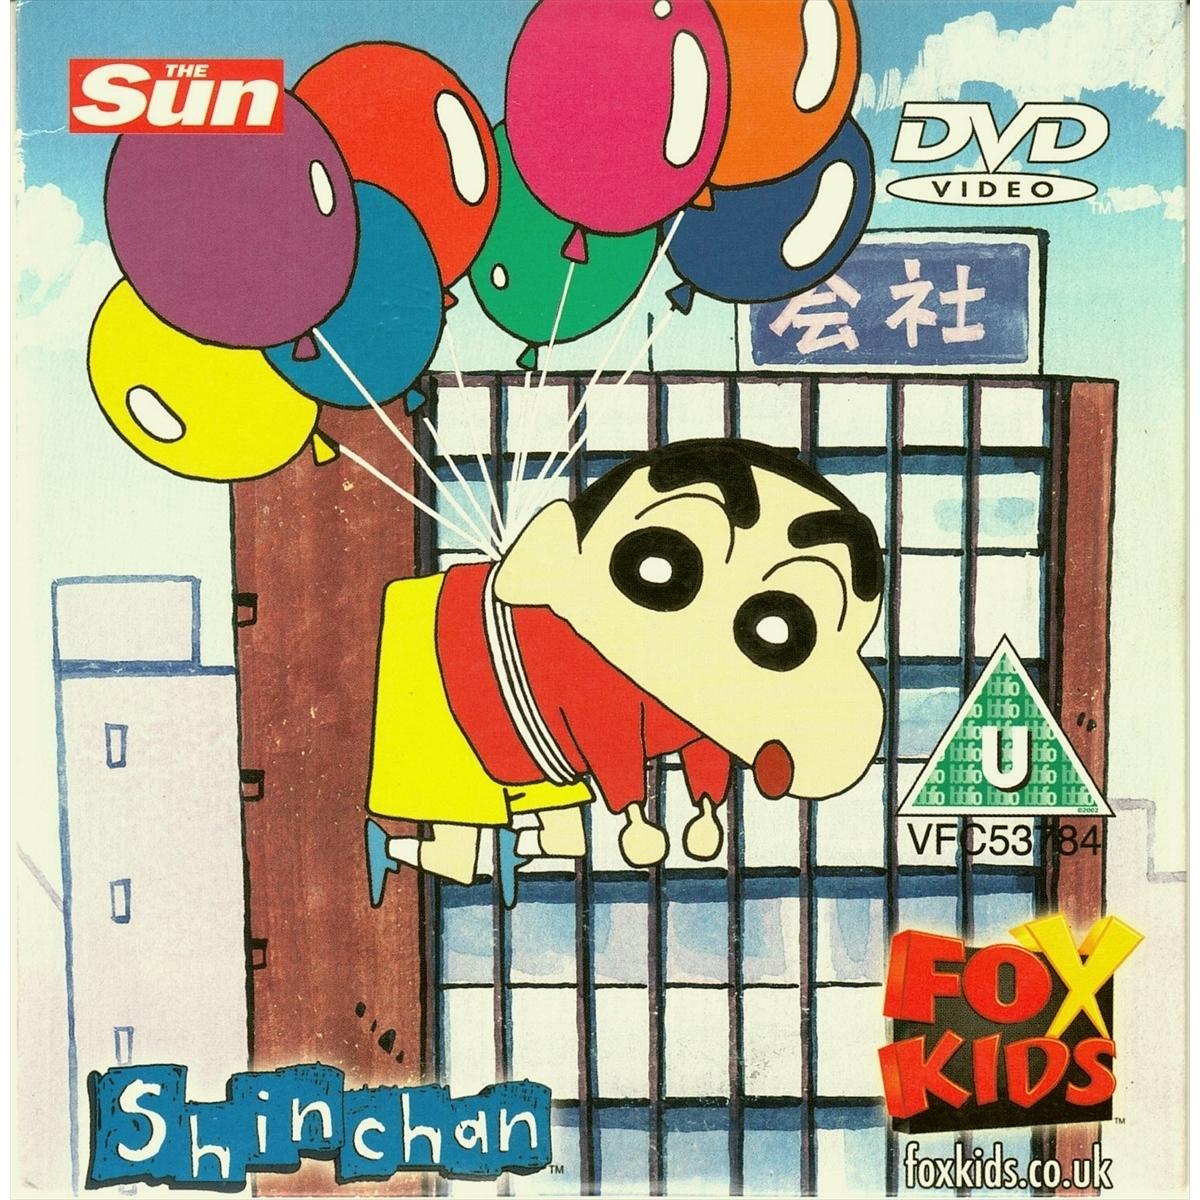 ◆非売品DVD 紙ジャケ★クレヨンしんちゃん イギリス 新聞 THE SUN 限定配布付録 プロモDVD★UK英国◆